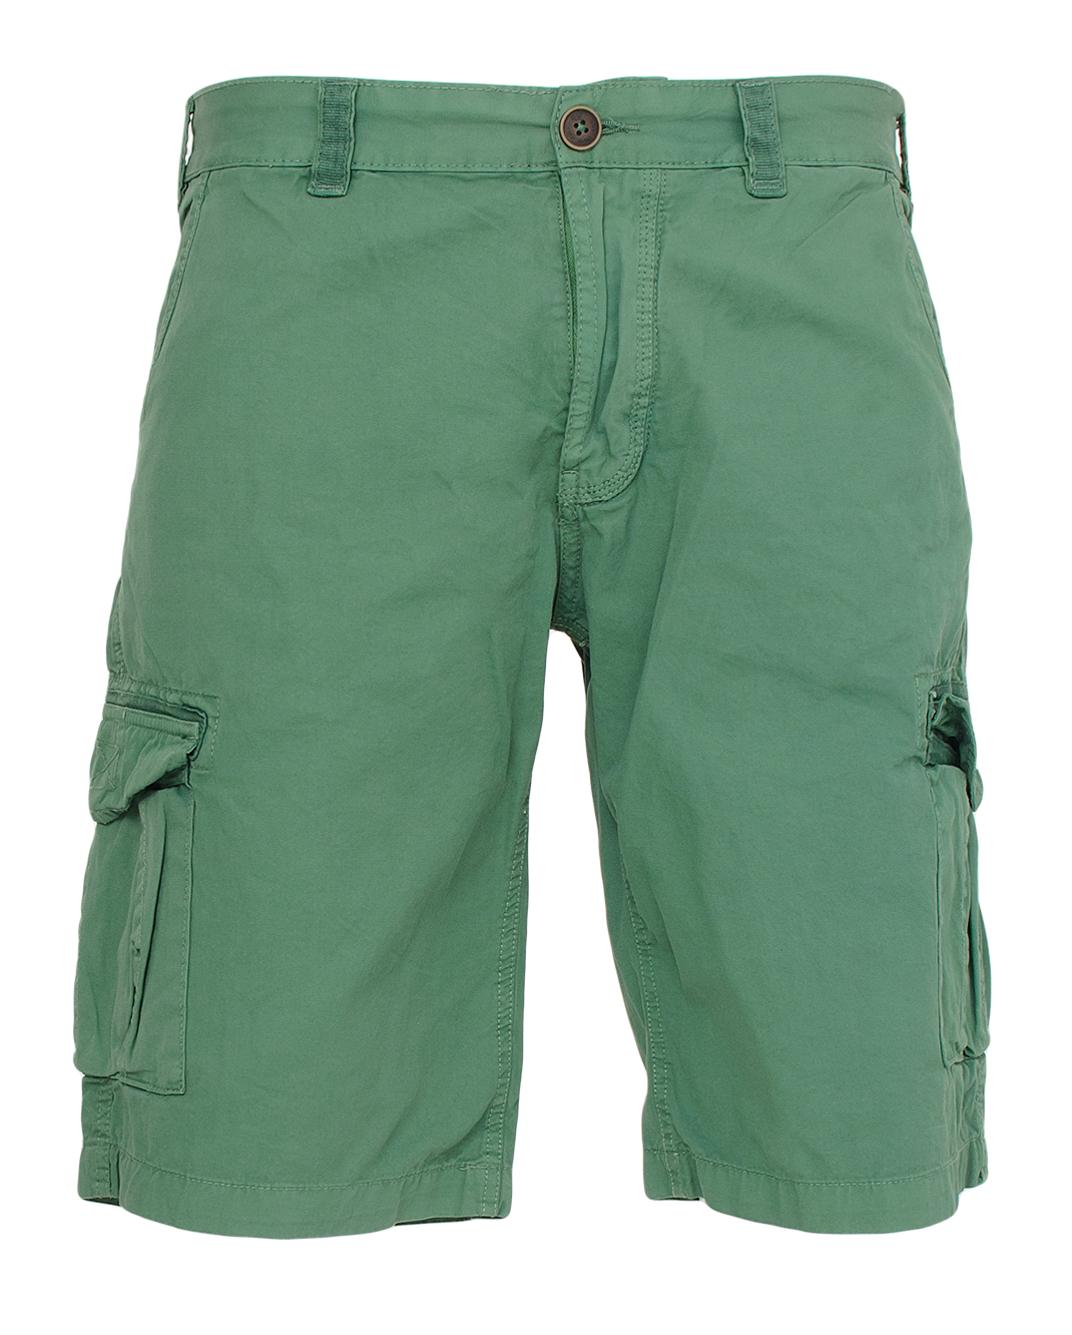 Ανδρική Βερμούδα New Wave Cargo Green αρχική ανδρικά ρούχα επιλογή ανά προϊόν βερμούδες